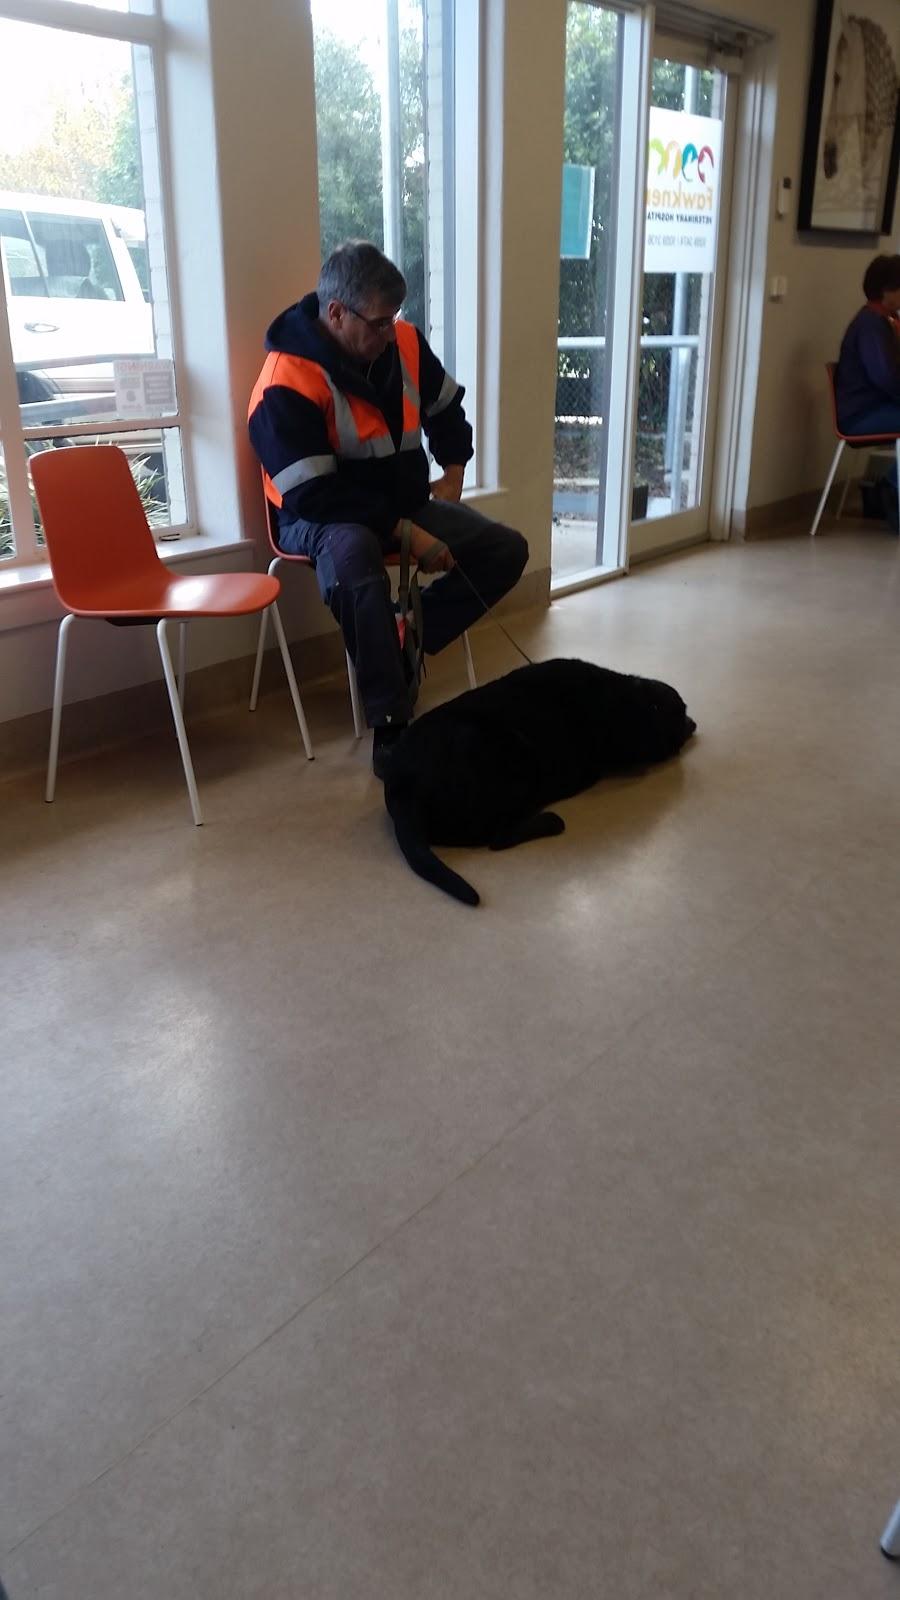 Fawkner Veterinary Hospital | veterinary care | 1148 Sydney Rd, Fawkner VIC 3060, Australia | 0393593474 OR +61 3 9359 3474